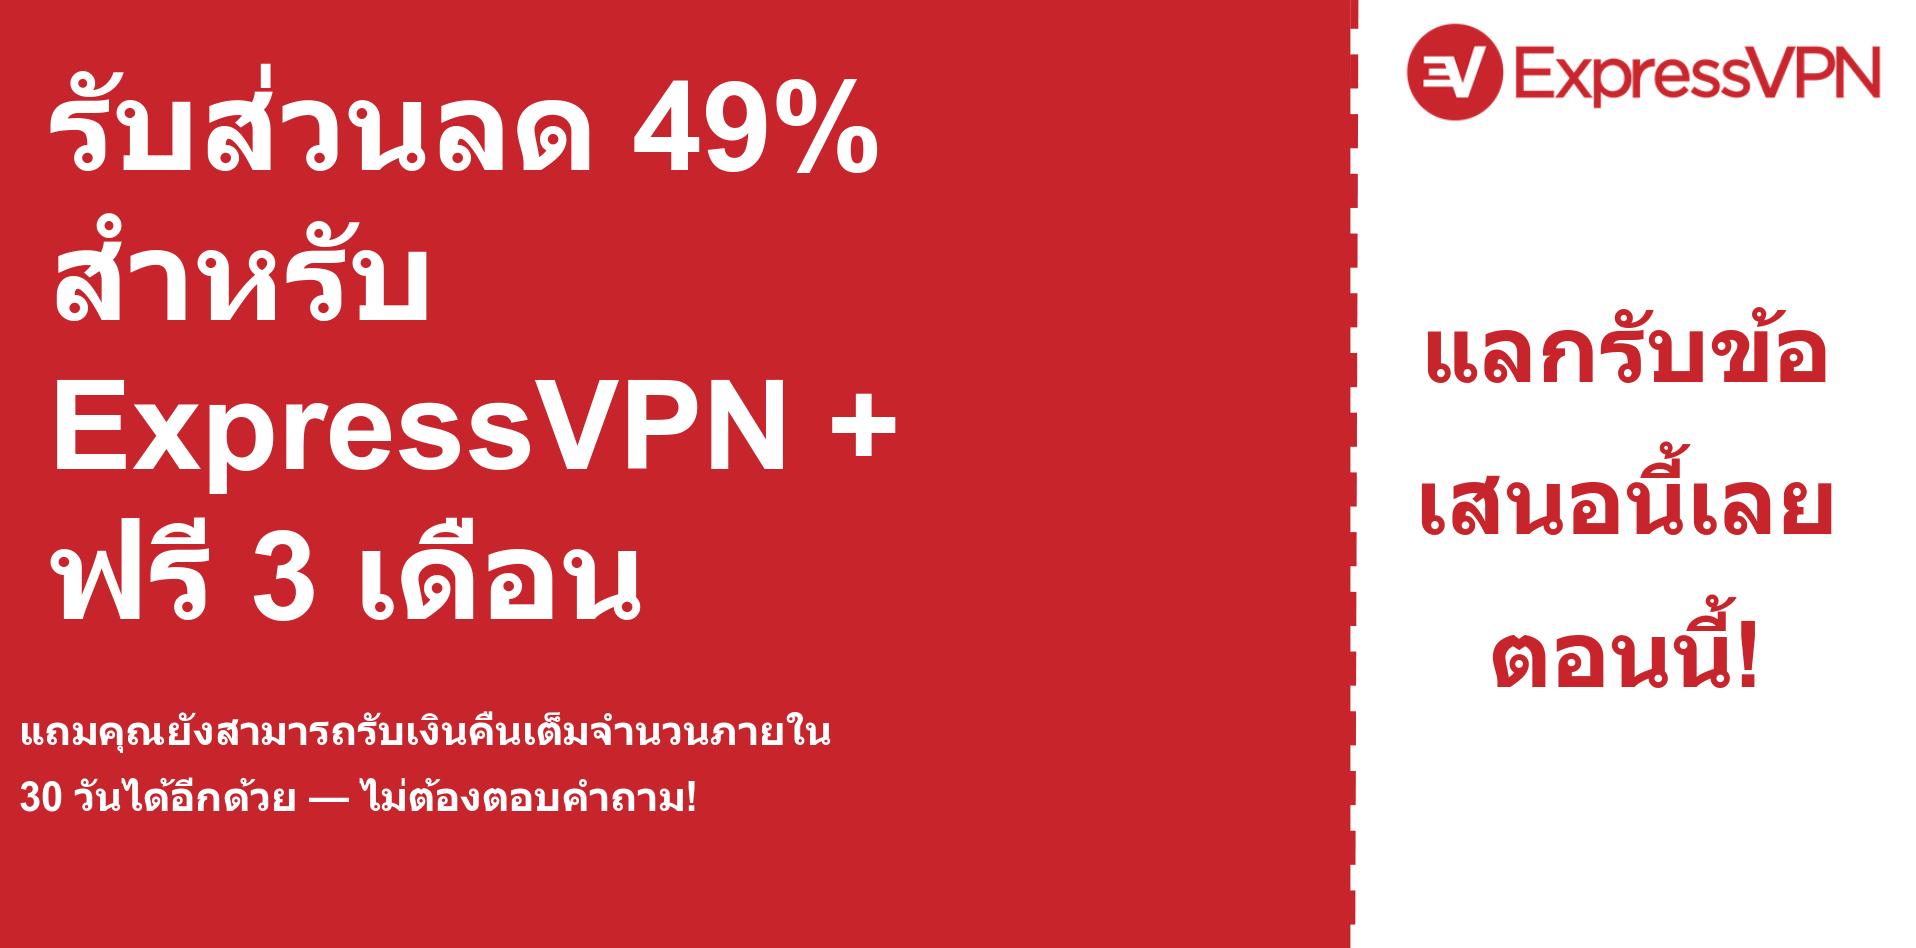 กราฟิกของแบนเนอร์คูปองหลัก ExpressVPN ลด 49%